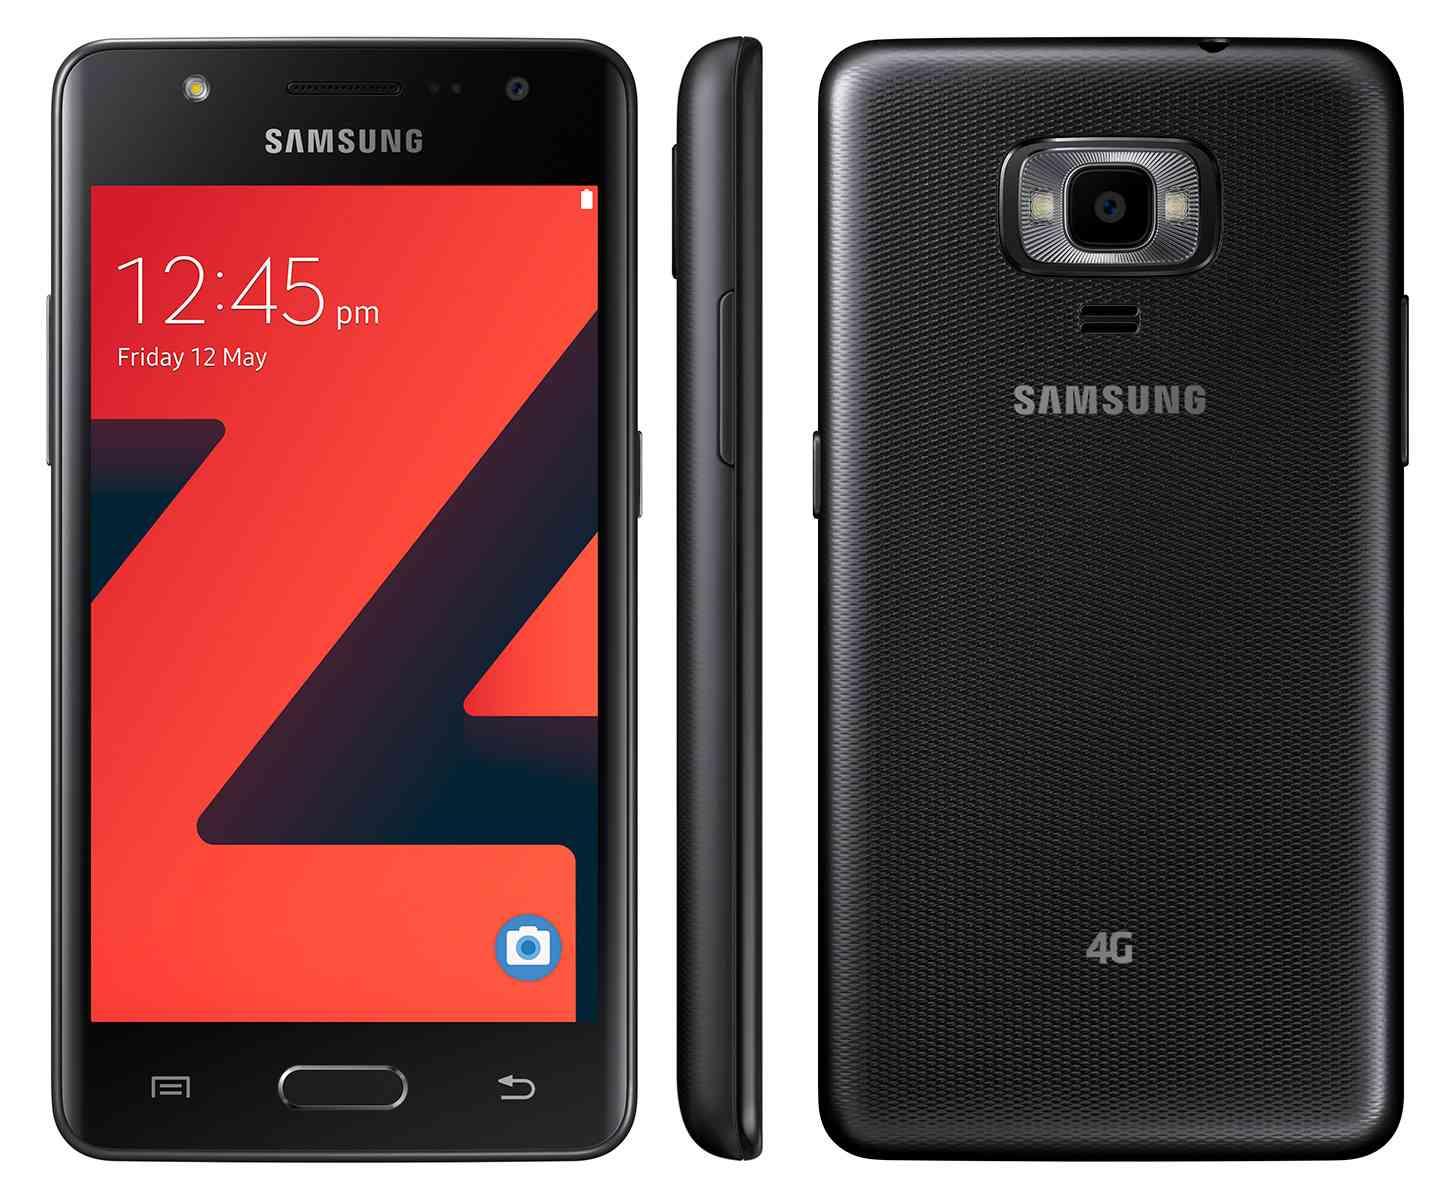 Анонсированный смартфон Samsung Z4 с поддержкой LTE на базе Tizen 3.0  - изображение